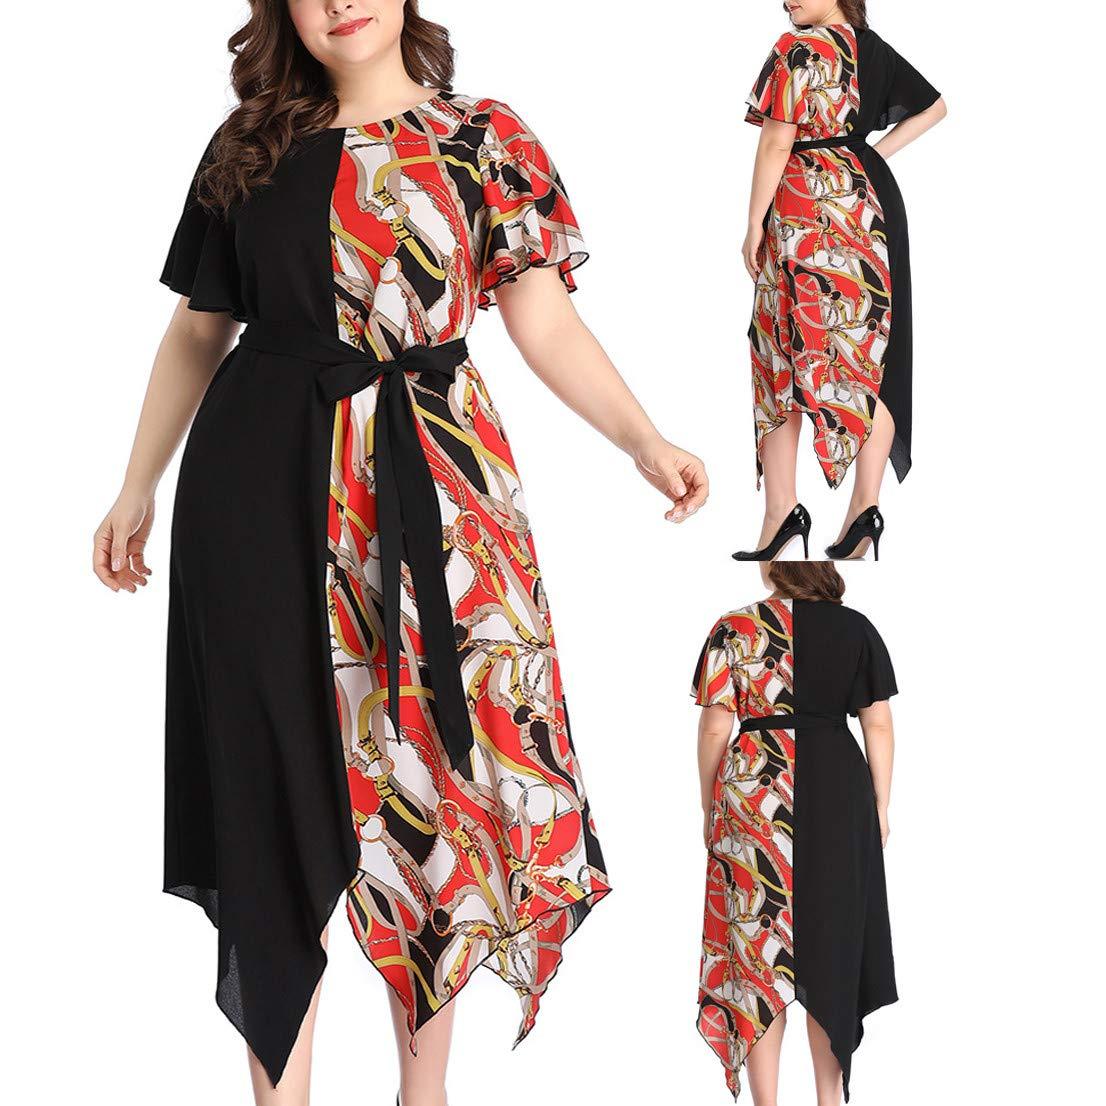 Short Bell Sleeve Print V Neck Women's Maxi Dress Party Dress Irregular Hem Patchwork Dress Purple by Jianekolaa_Dress (Image #5)